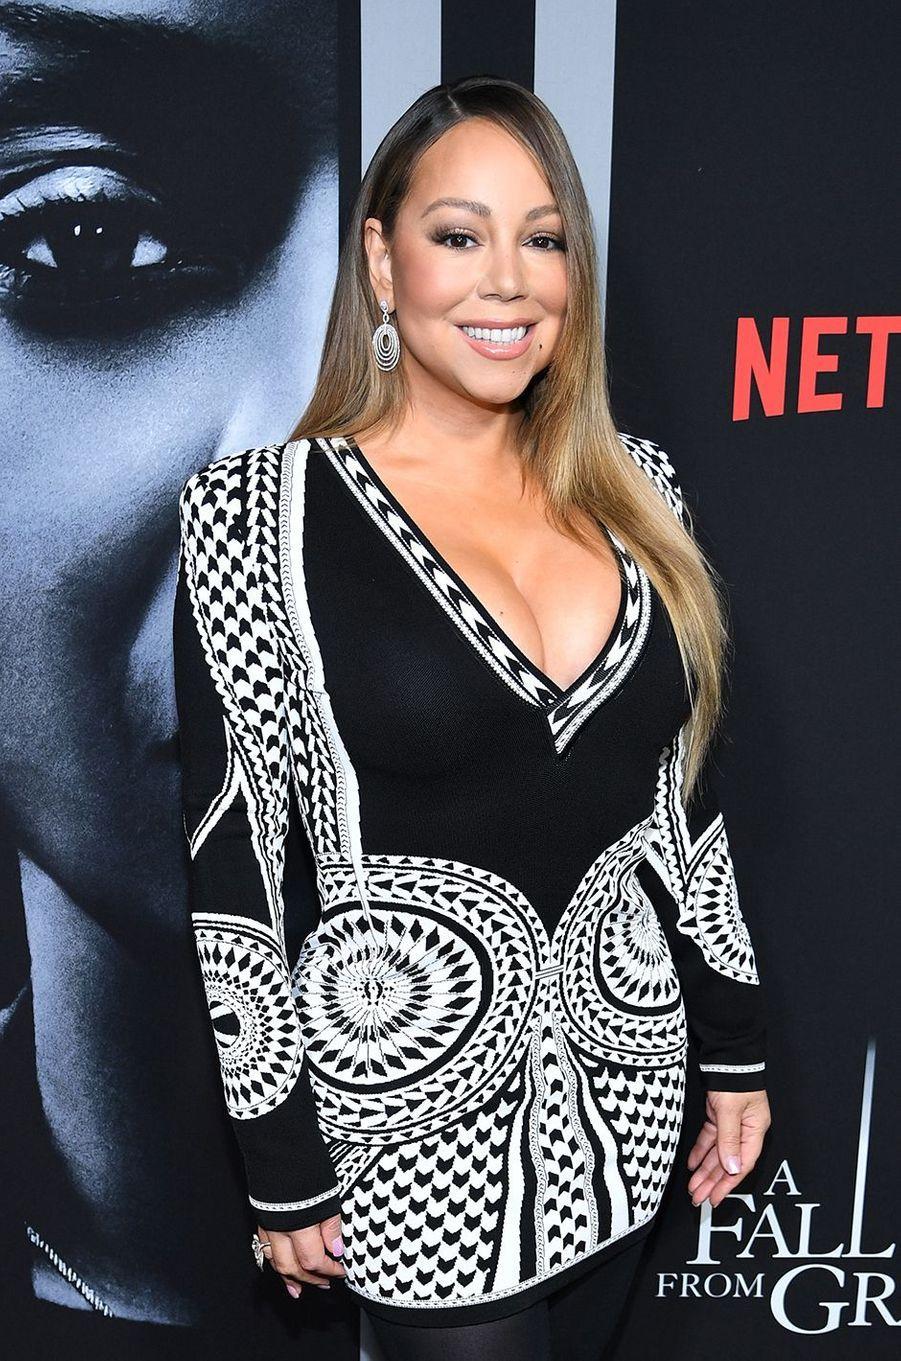 Mariah Carey à la première du film Netflix «A Fall From Grace» («Rupture fatale») à New York le 13 janvier 2020